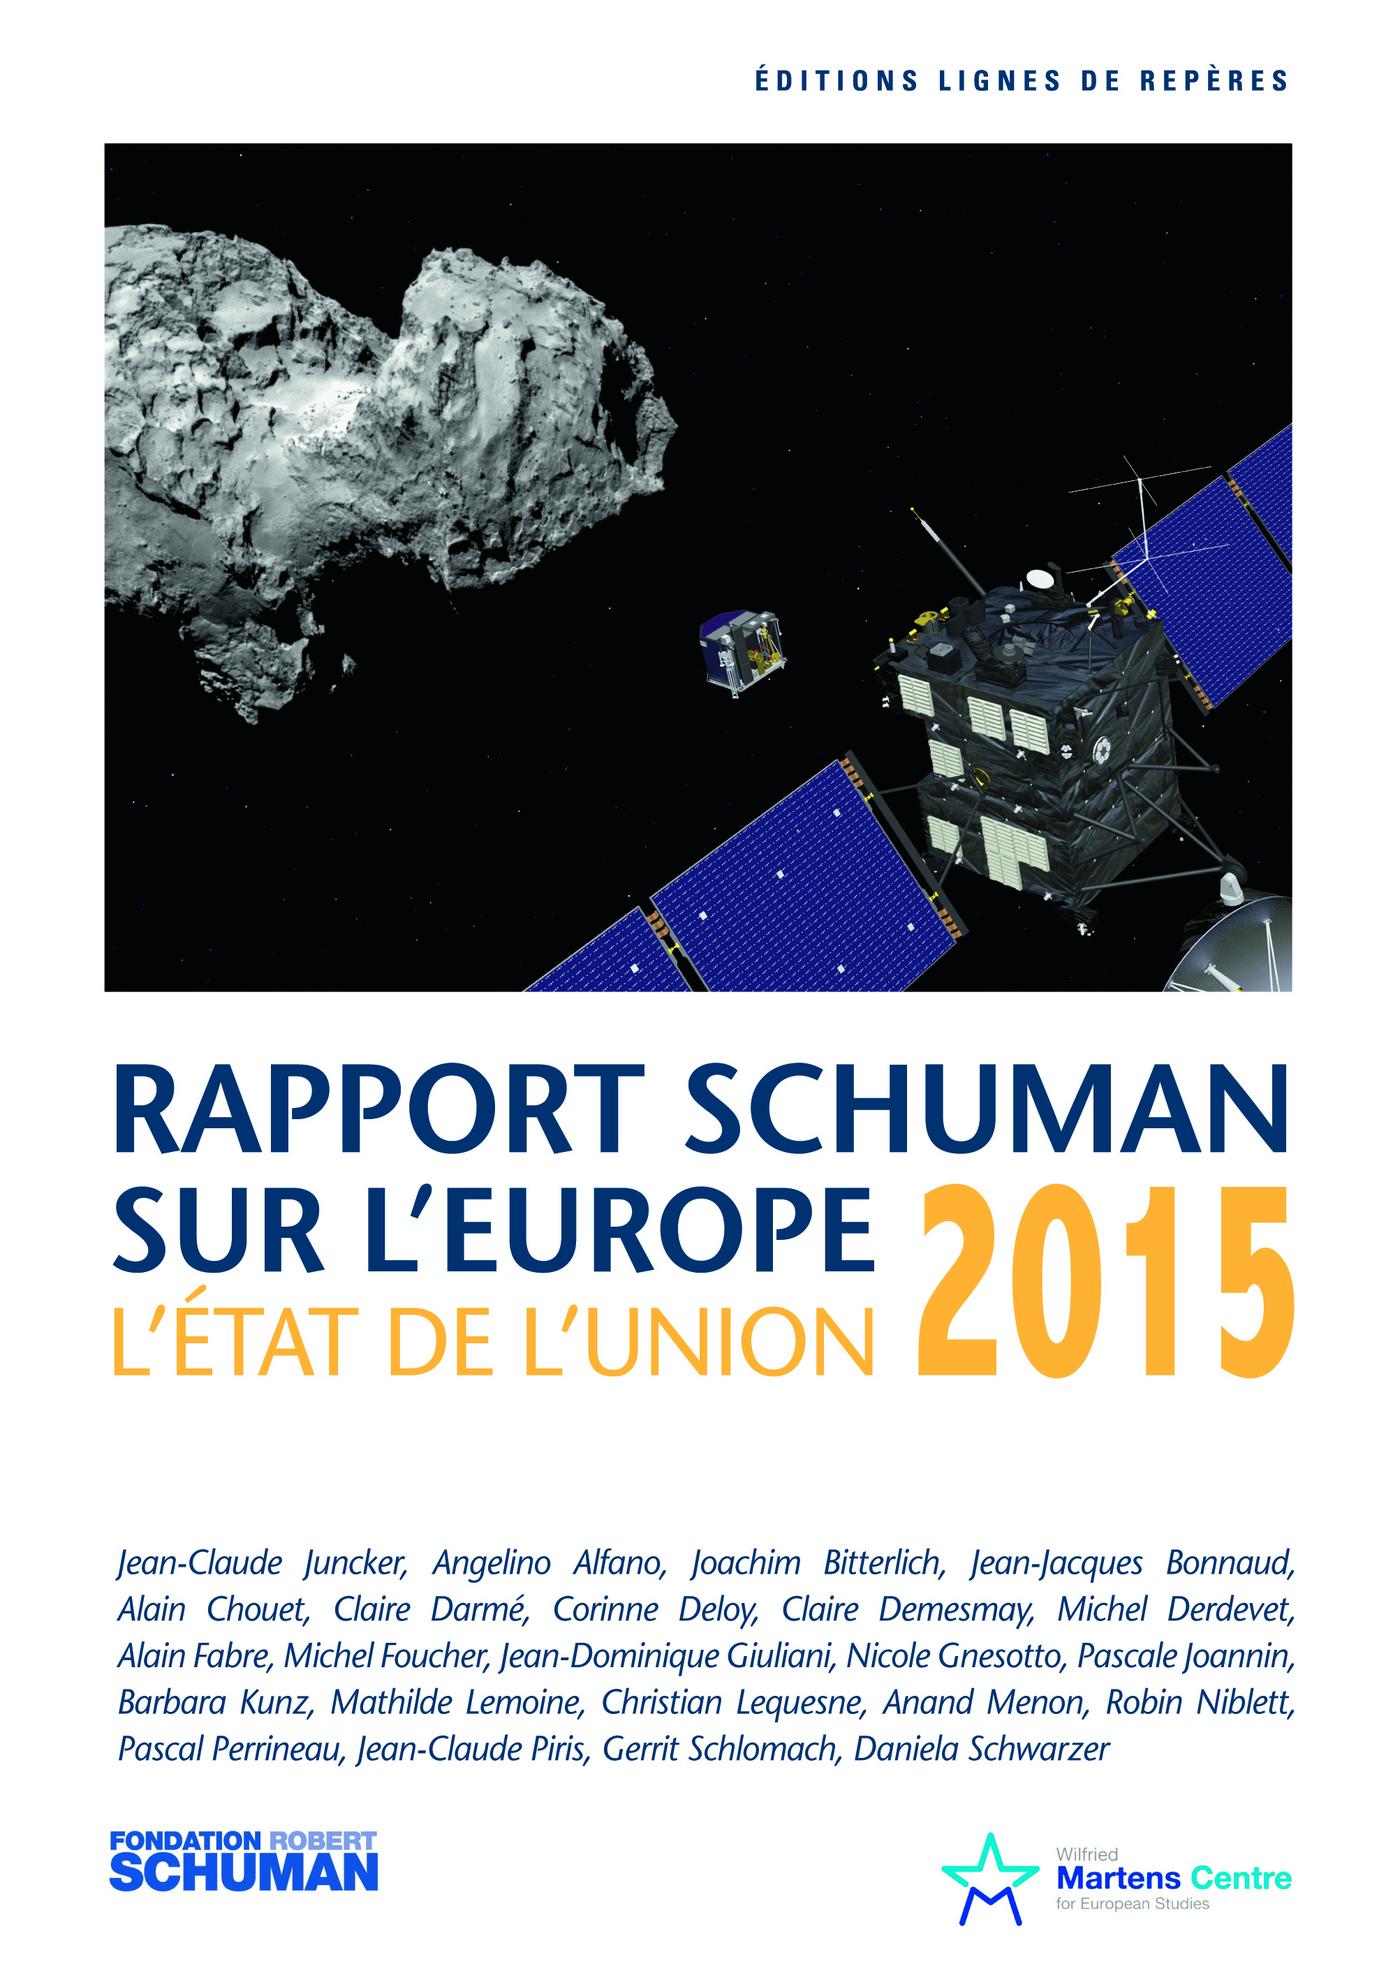 Etat de l'Union 2015, rapport Schuman sur l'Europe